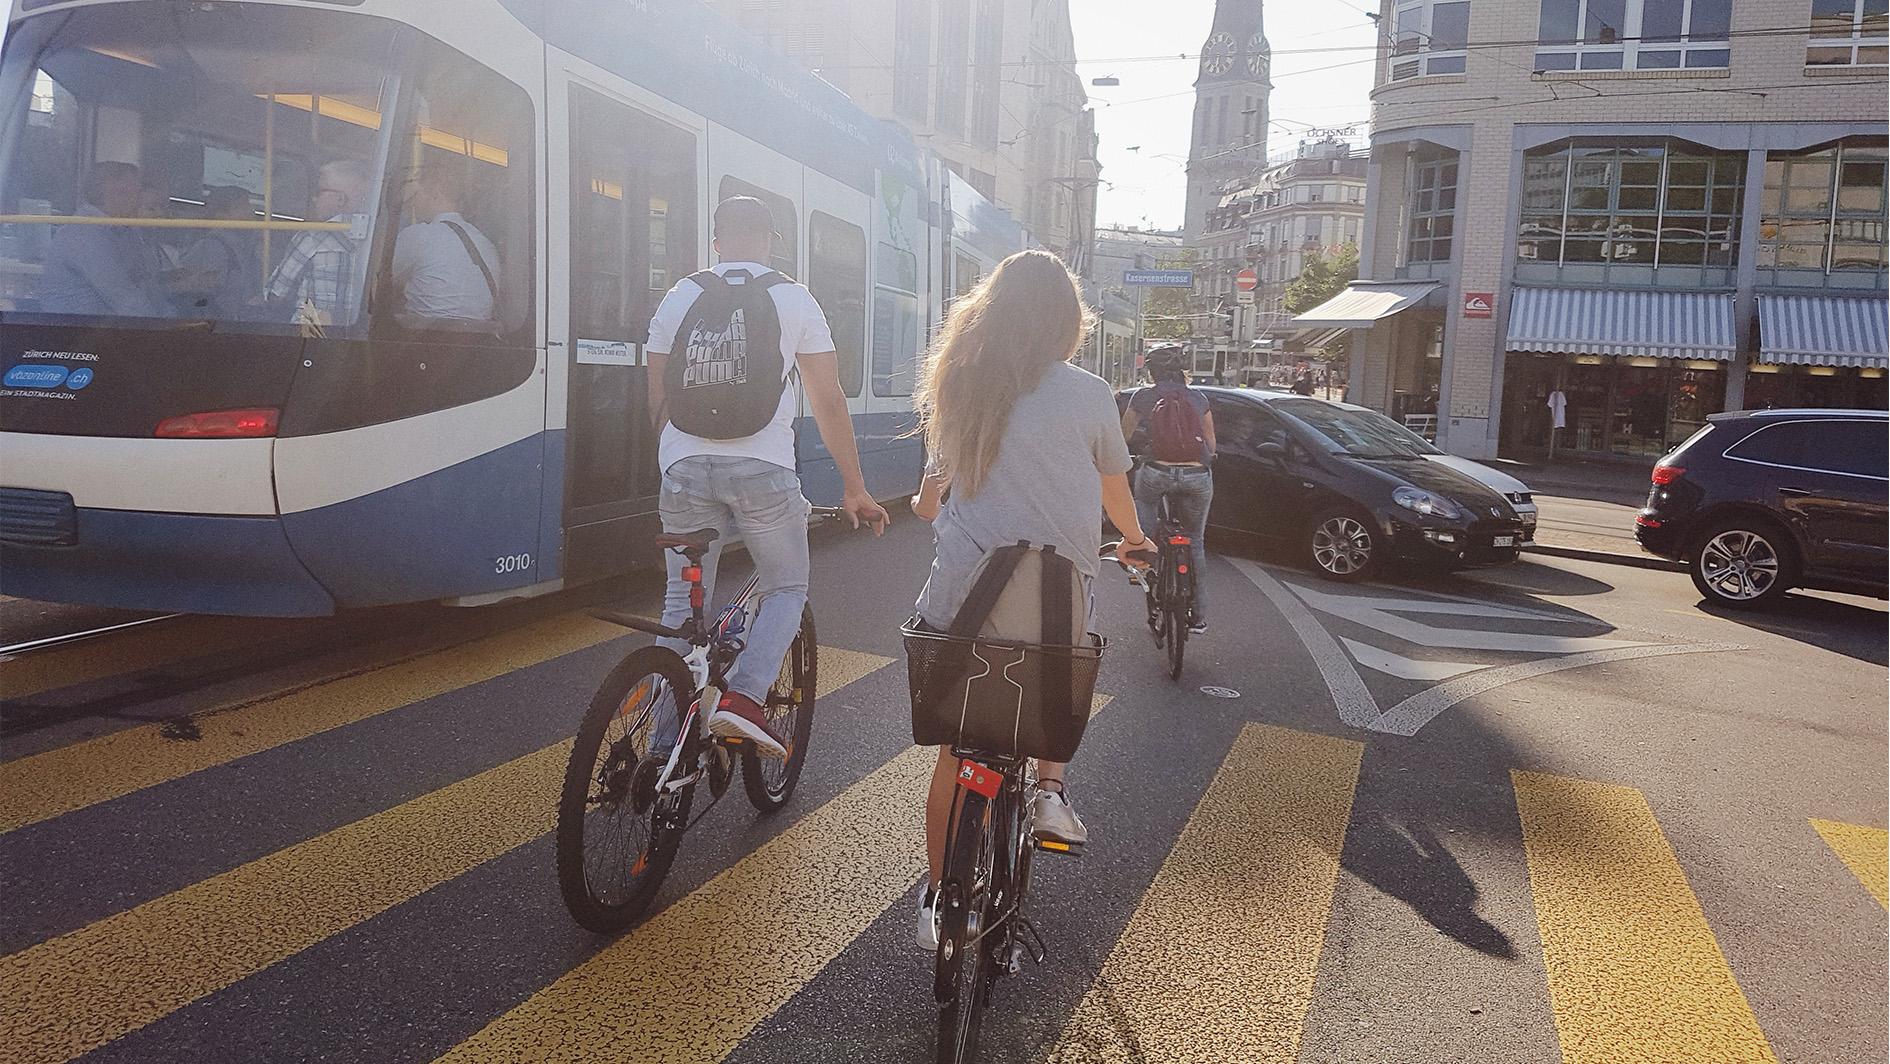 Velofahren in Zürich ist doppelt so gefährlich wie in Bern.